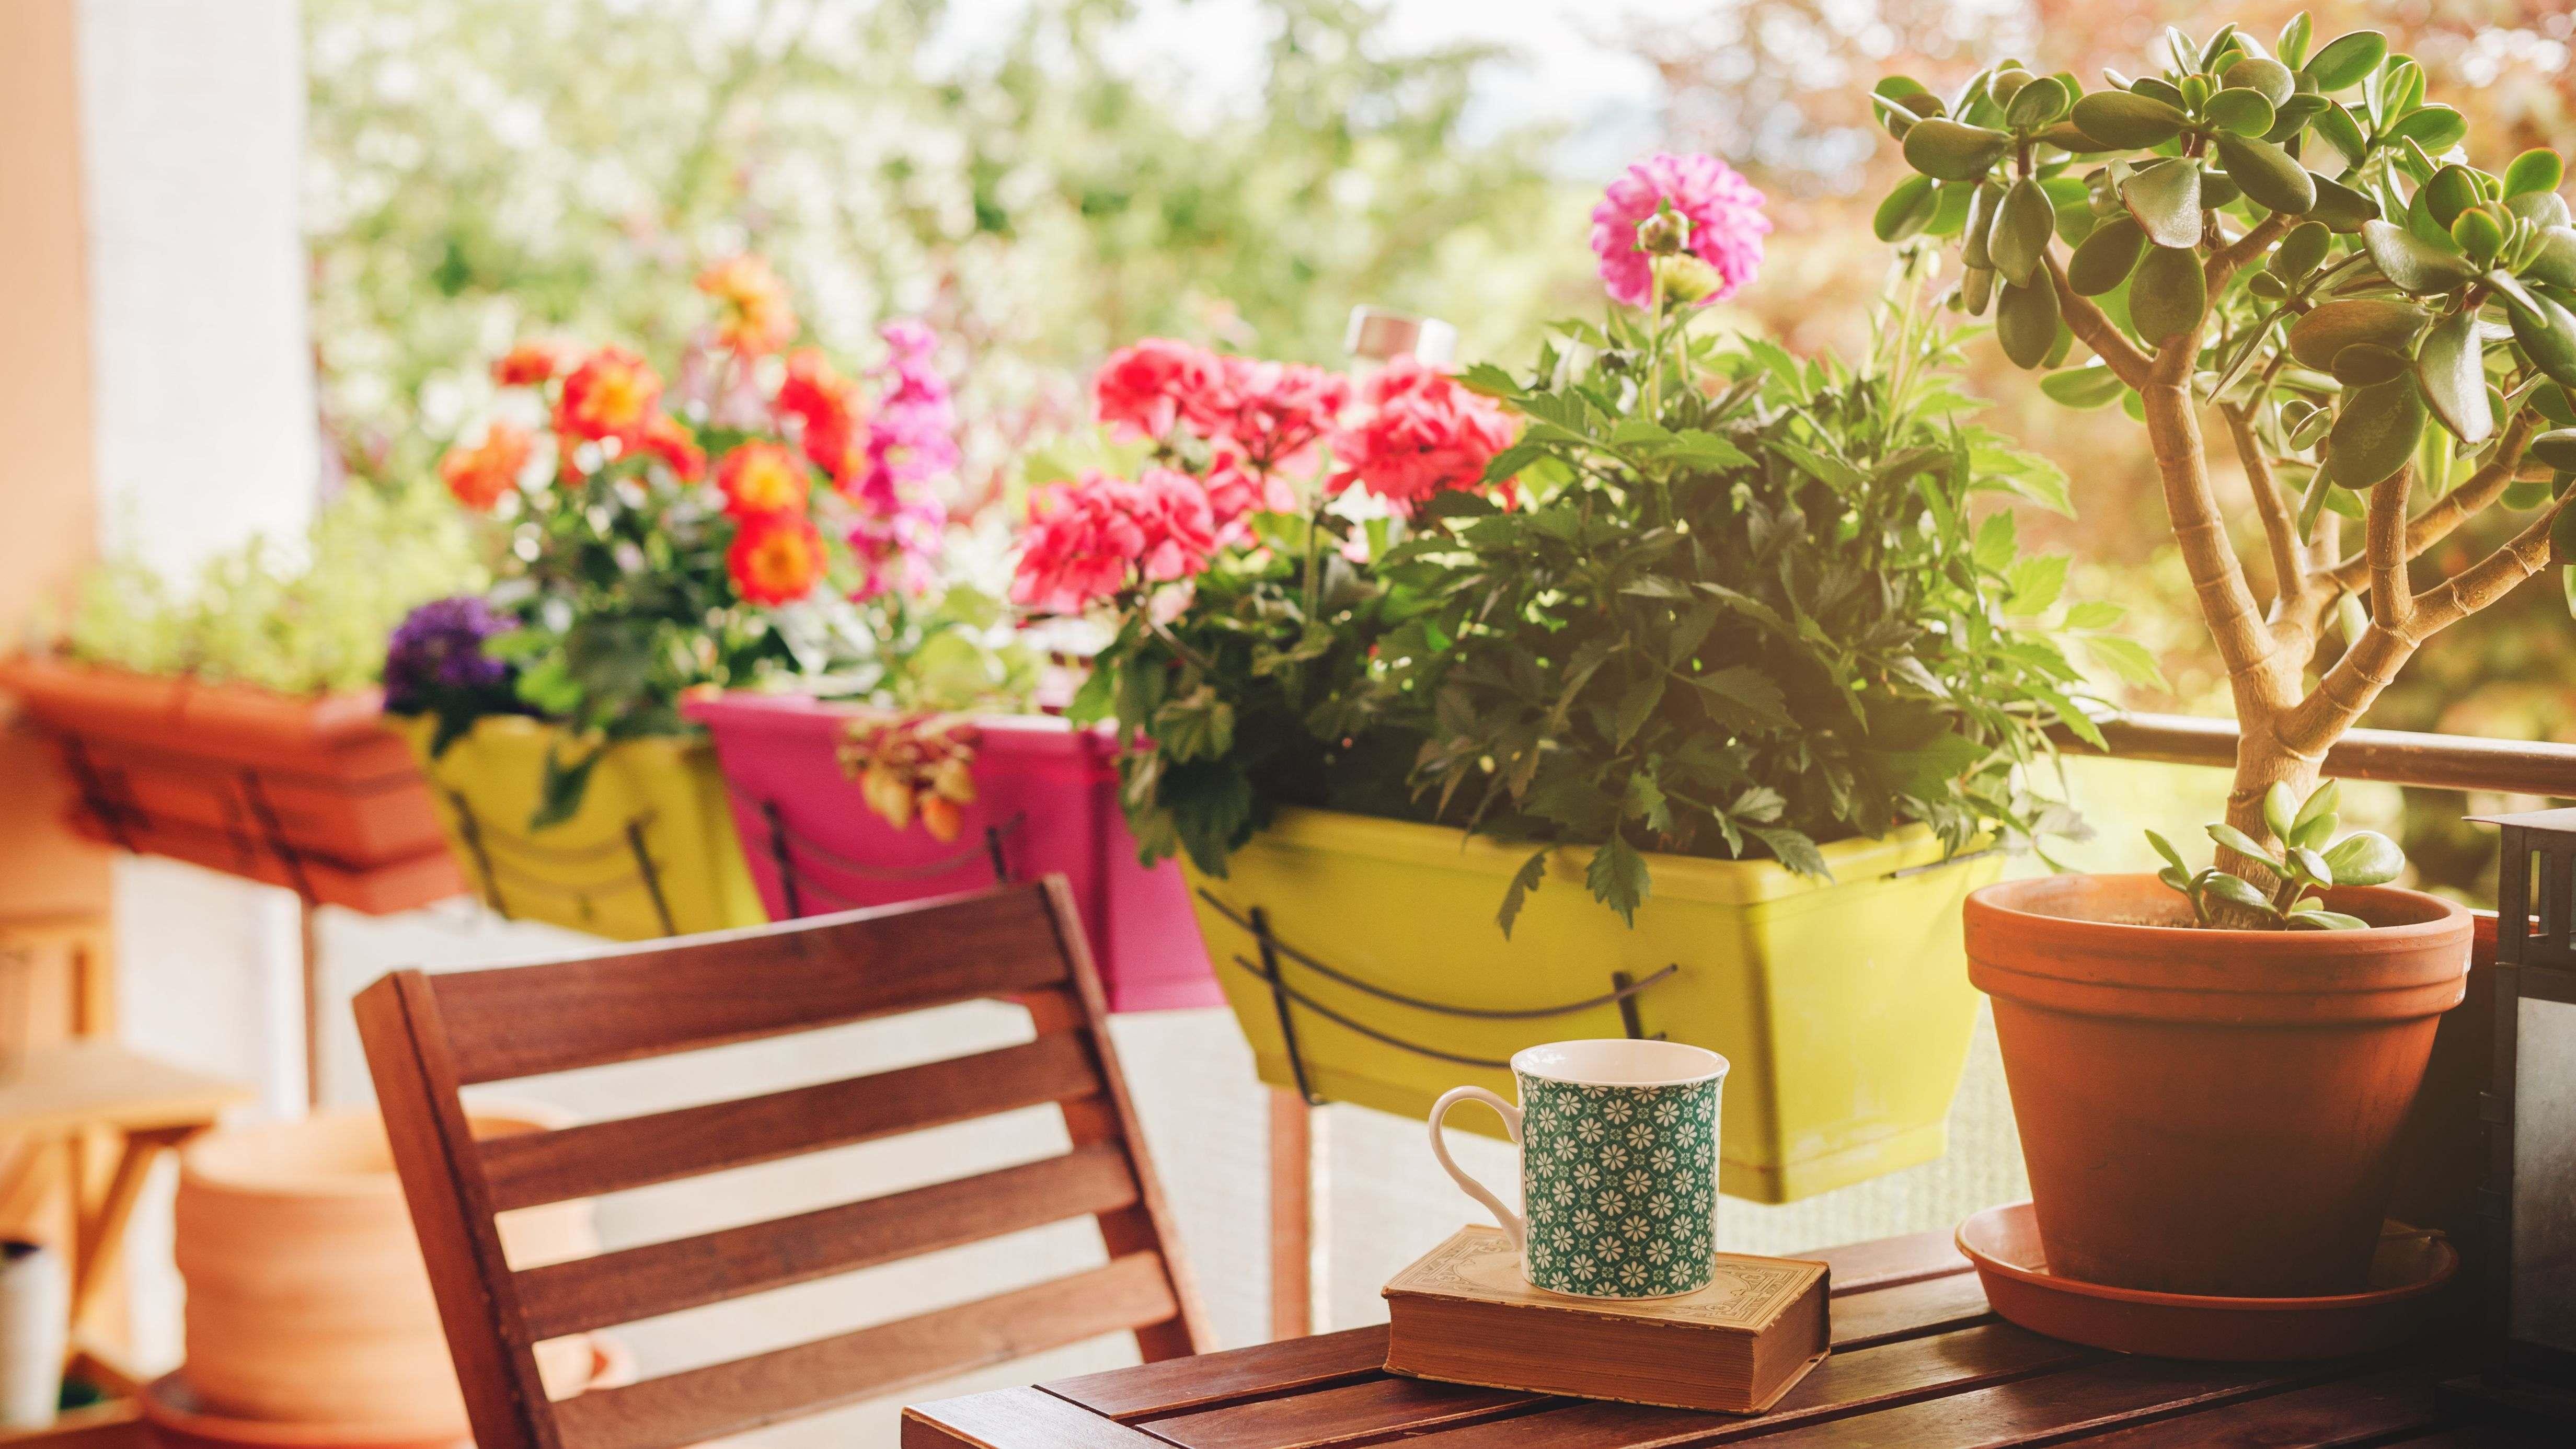 Plante vivace pour balcon et terrasse : comment choisir ?